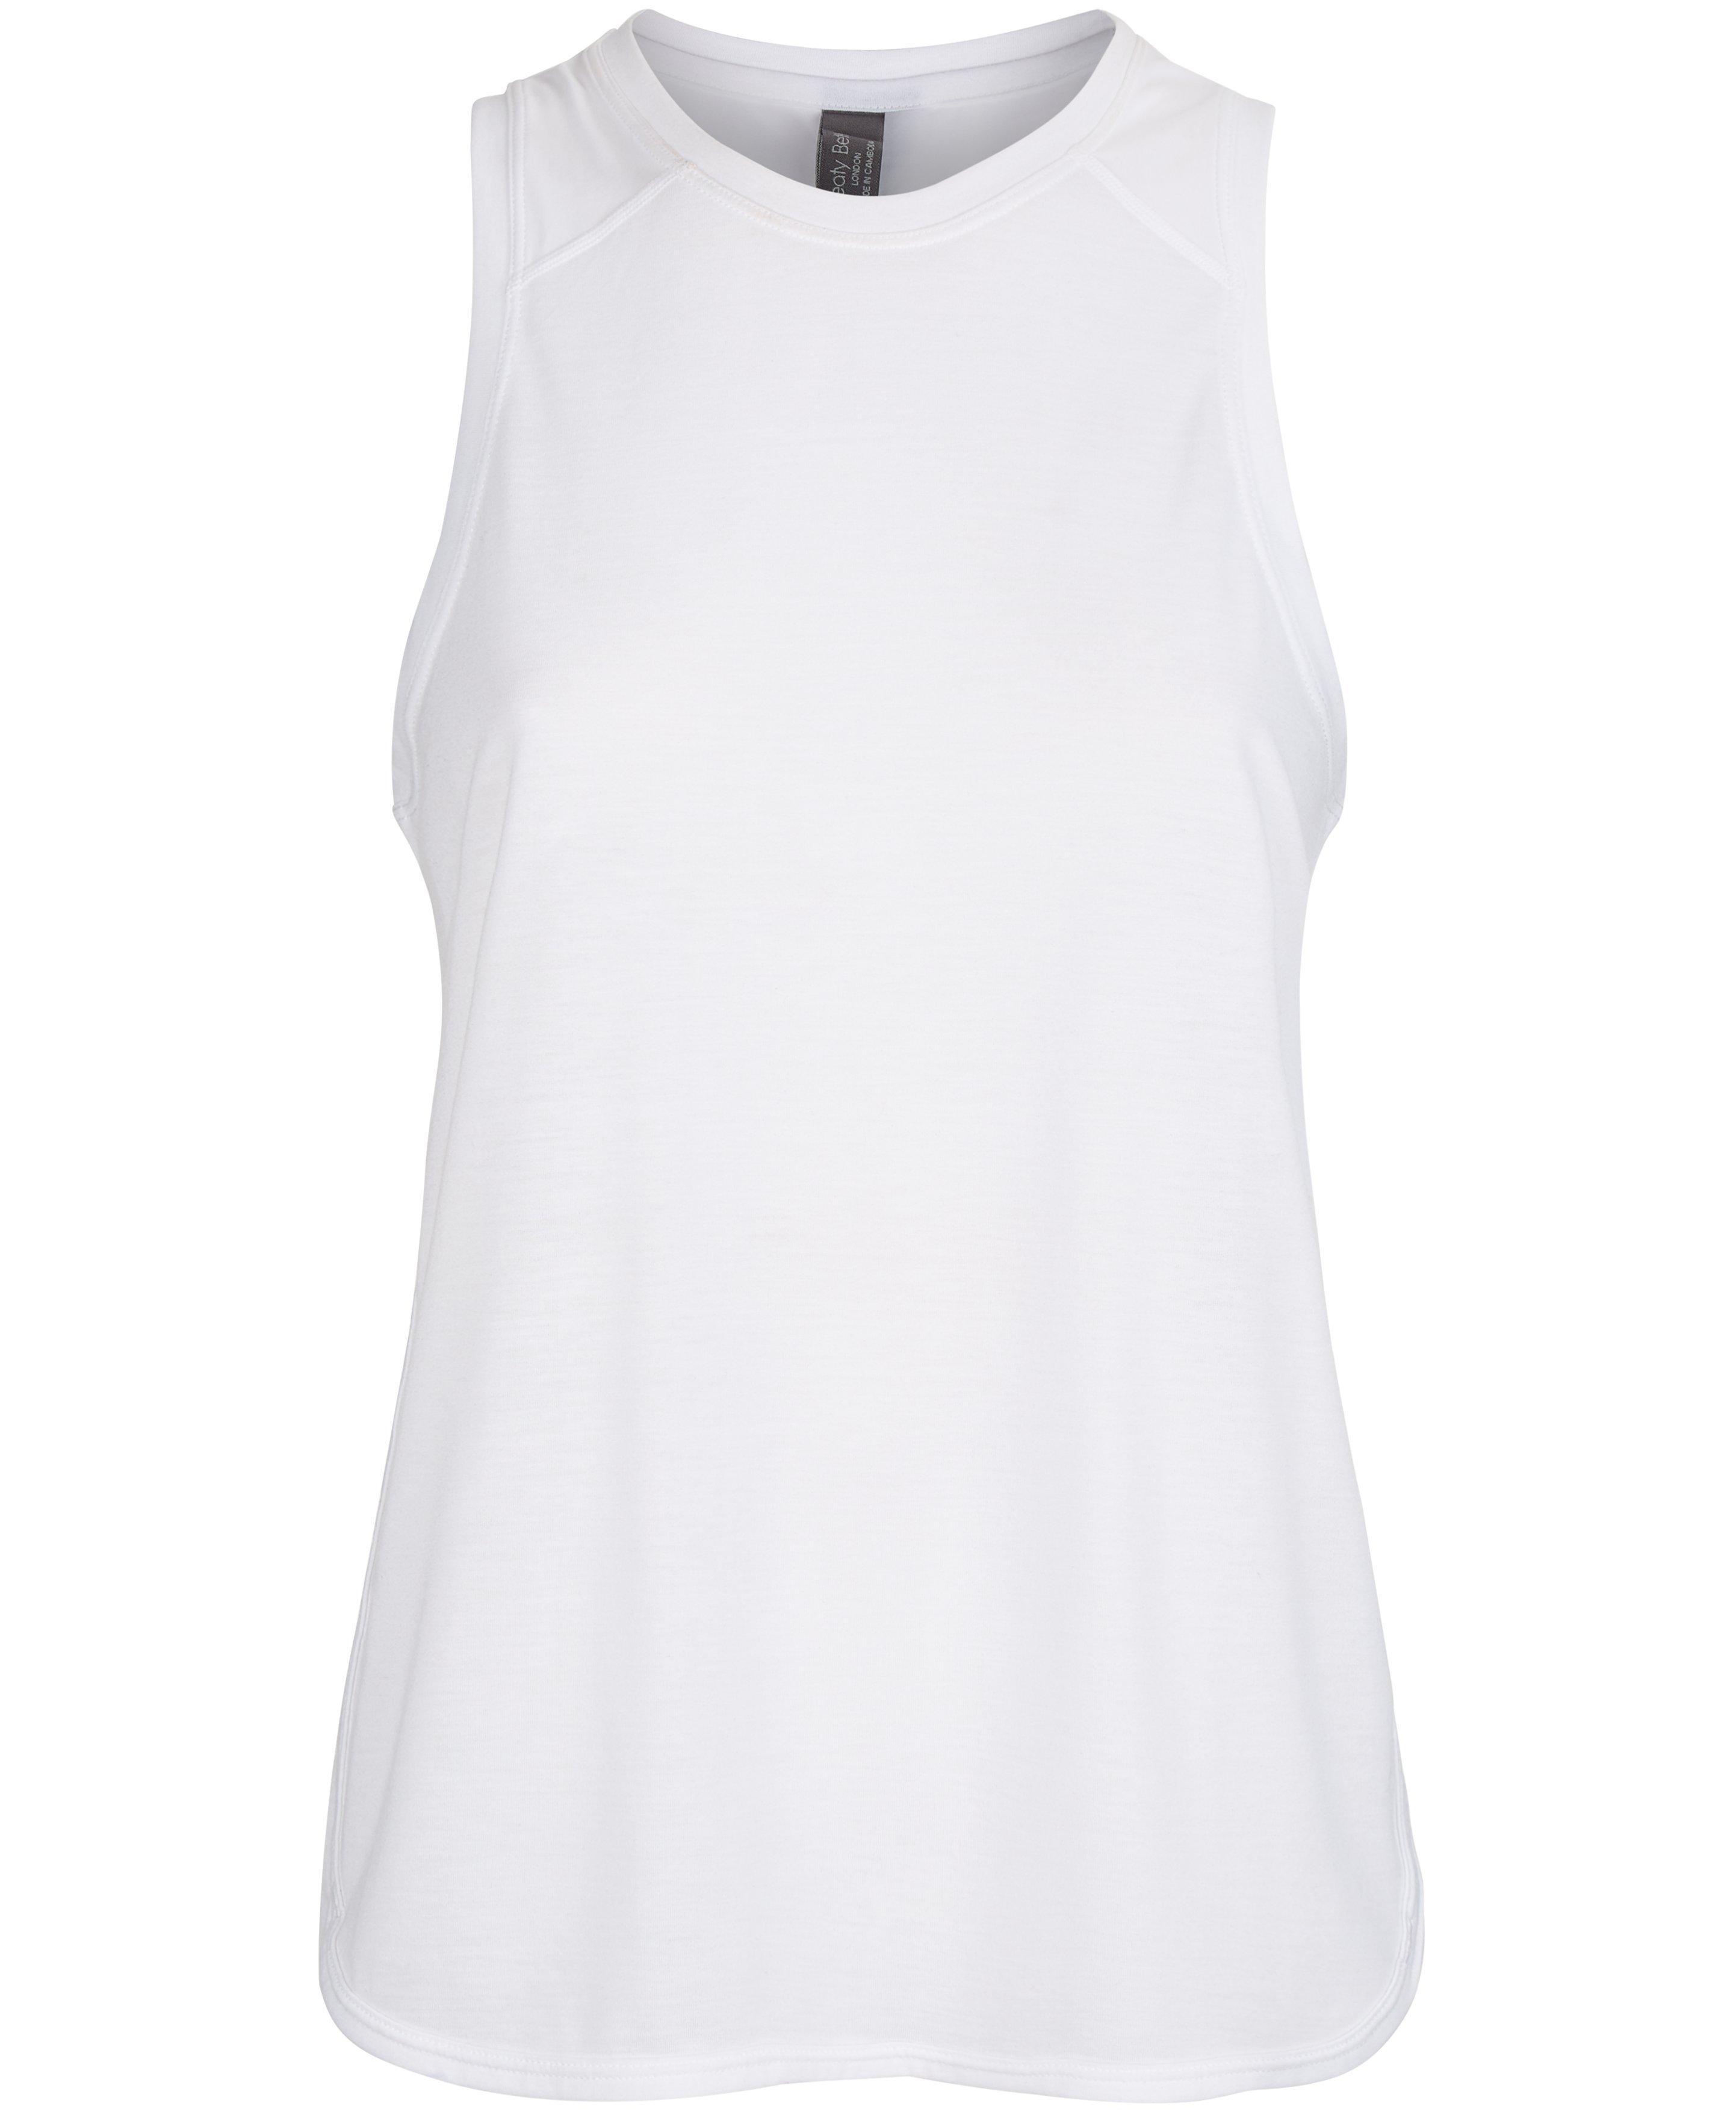 Sb4600 white 1